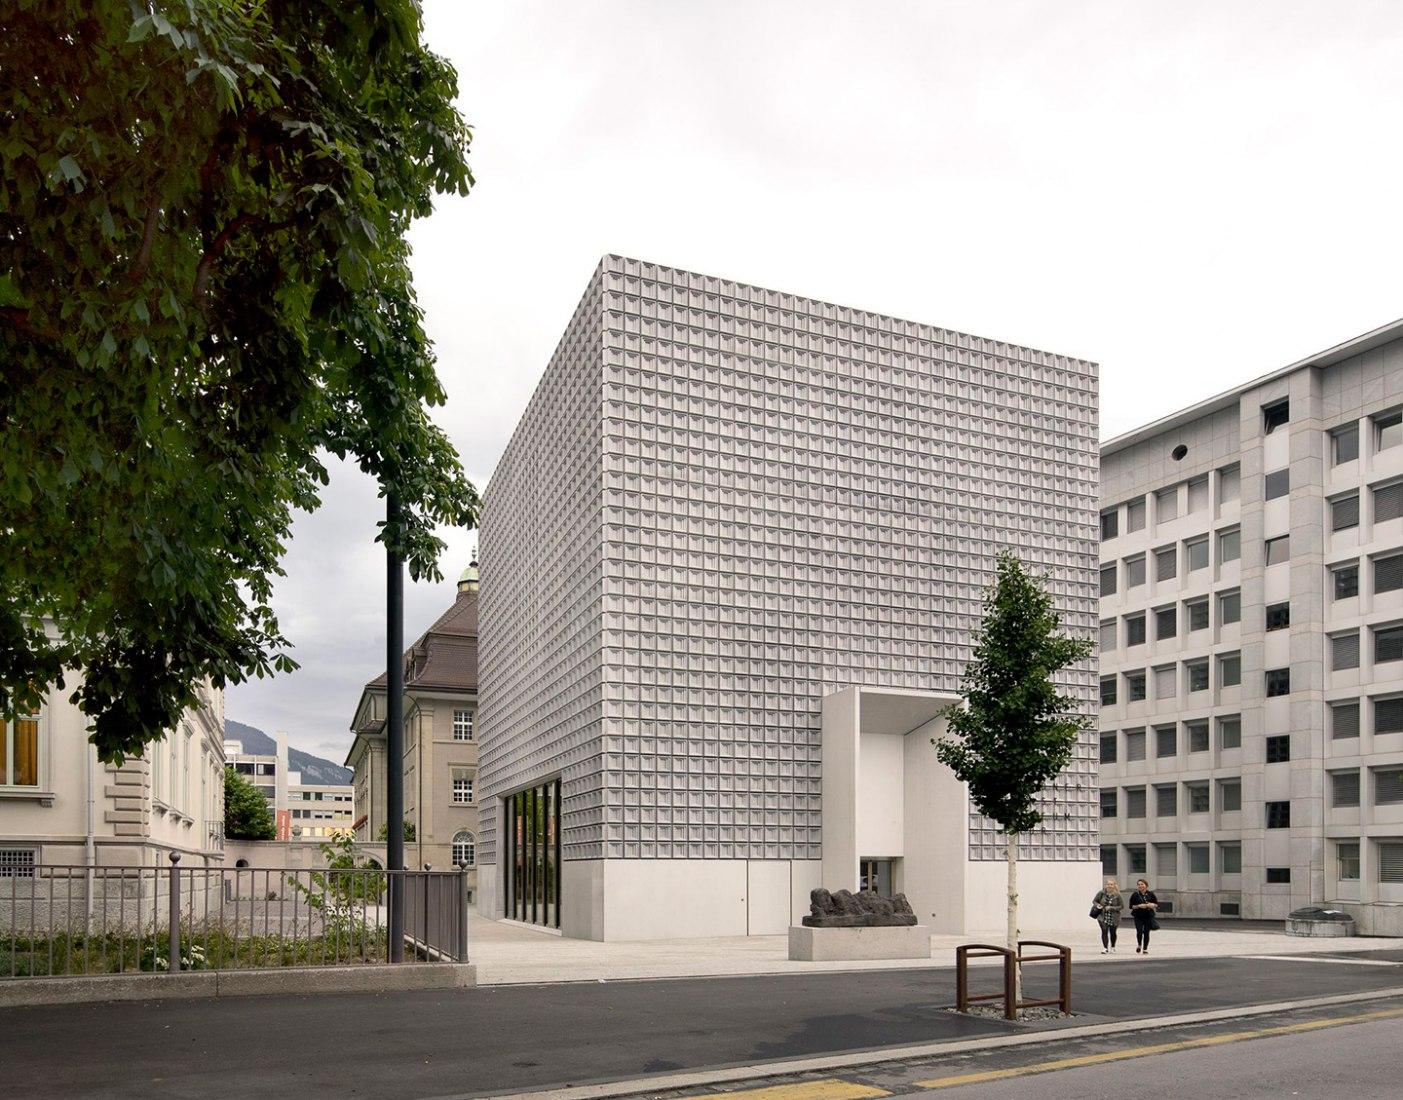 Vista exterior. Bündner Kunstmuseum por Barozzi&Veiga. Fotografía © Simon Menges.